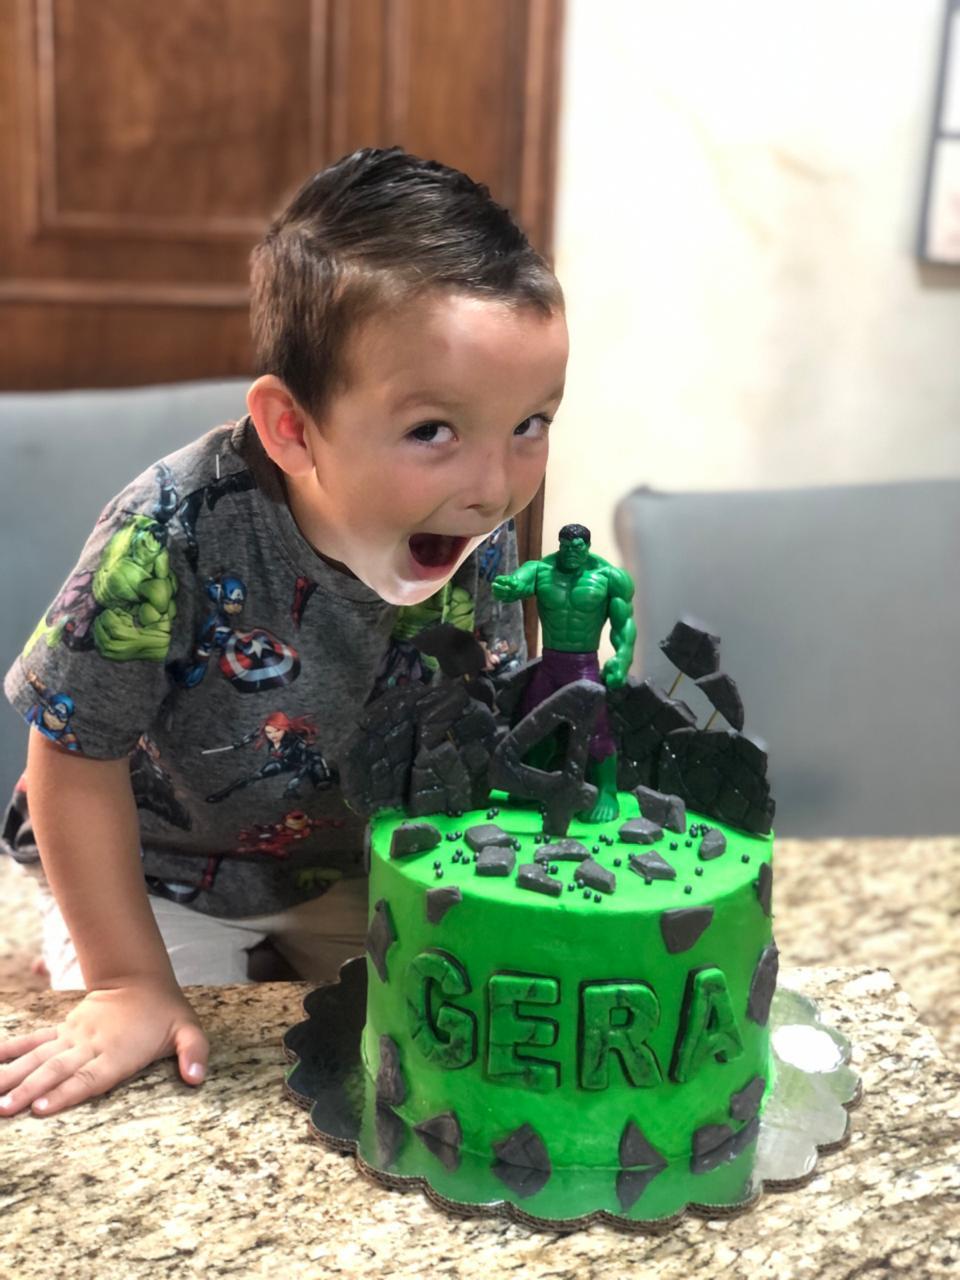 Festejan sus cumpleaños